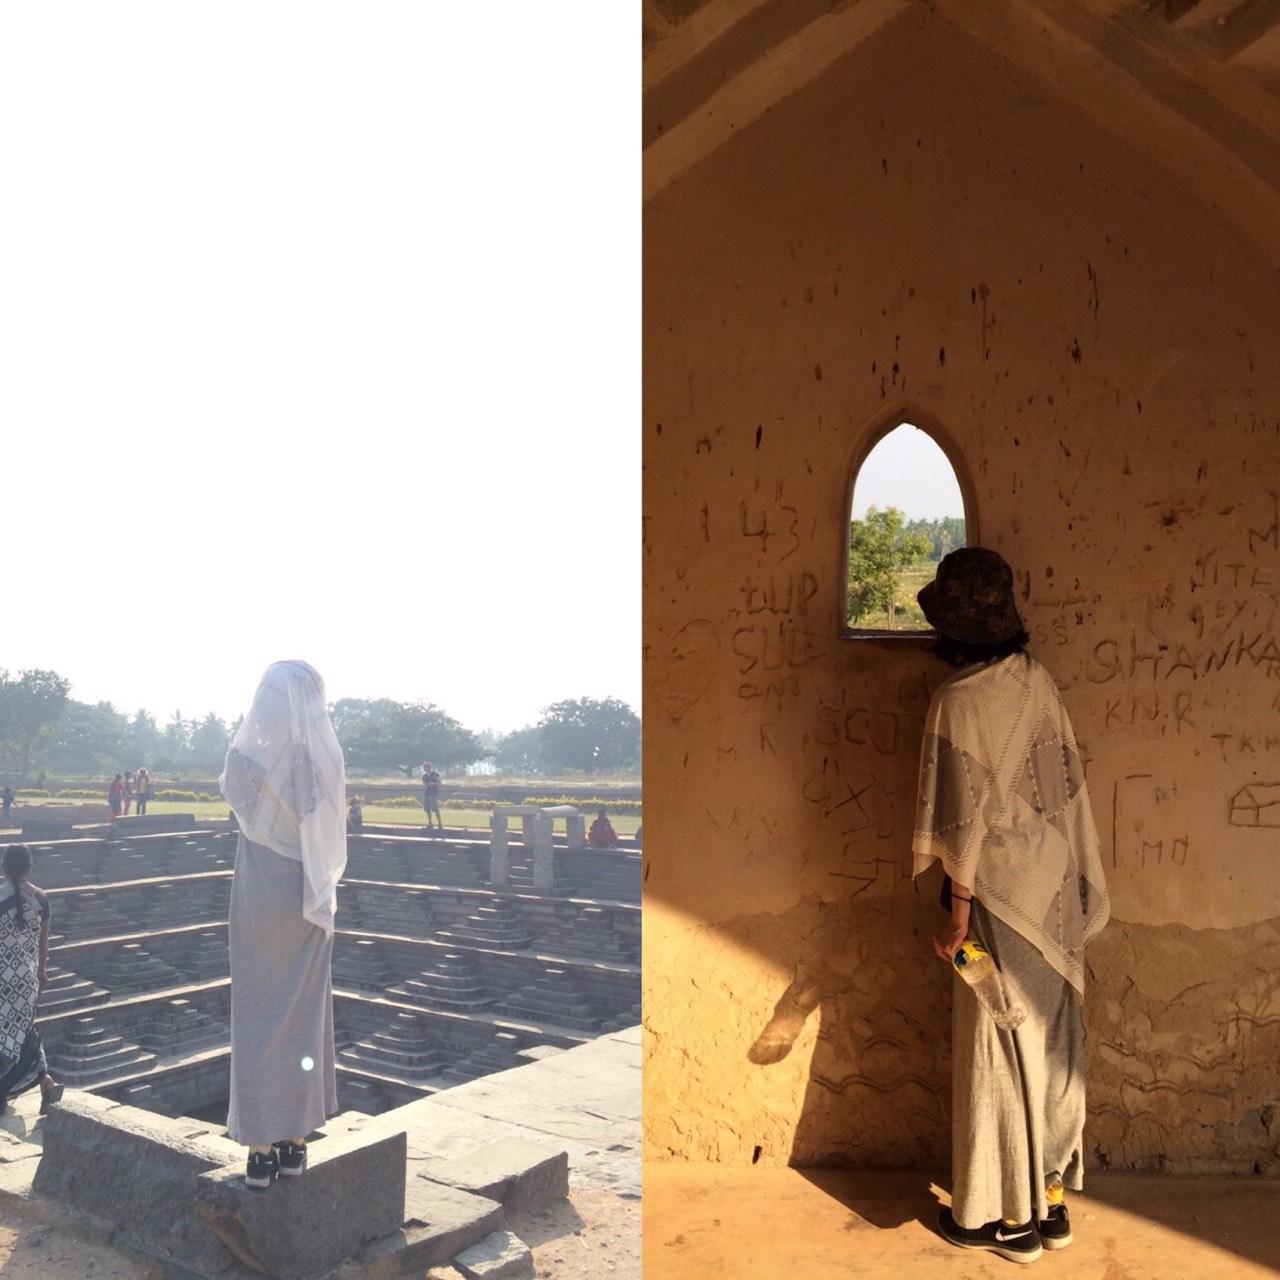 この写真は、O-デザイナーの夫人でもある、薫姫が夫婦でインドに行ったときの写真です。